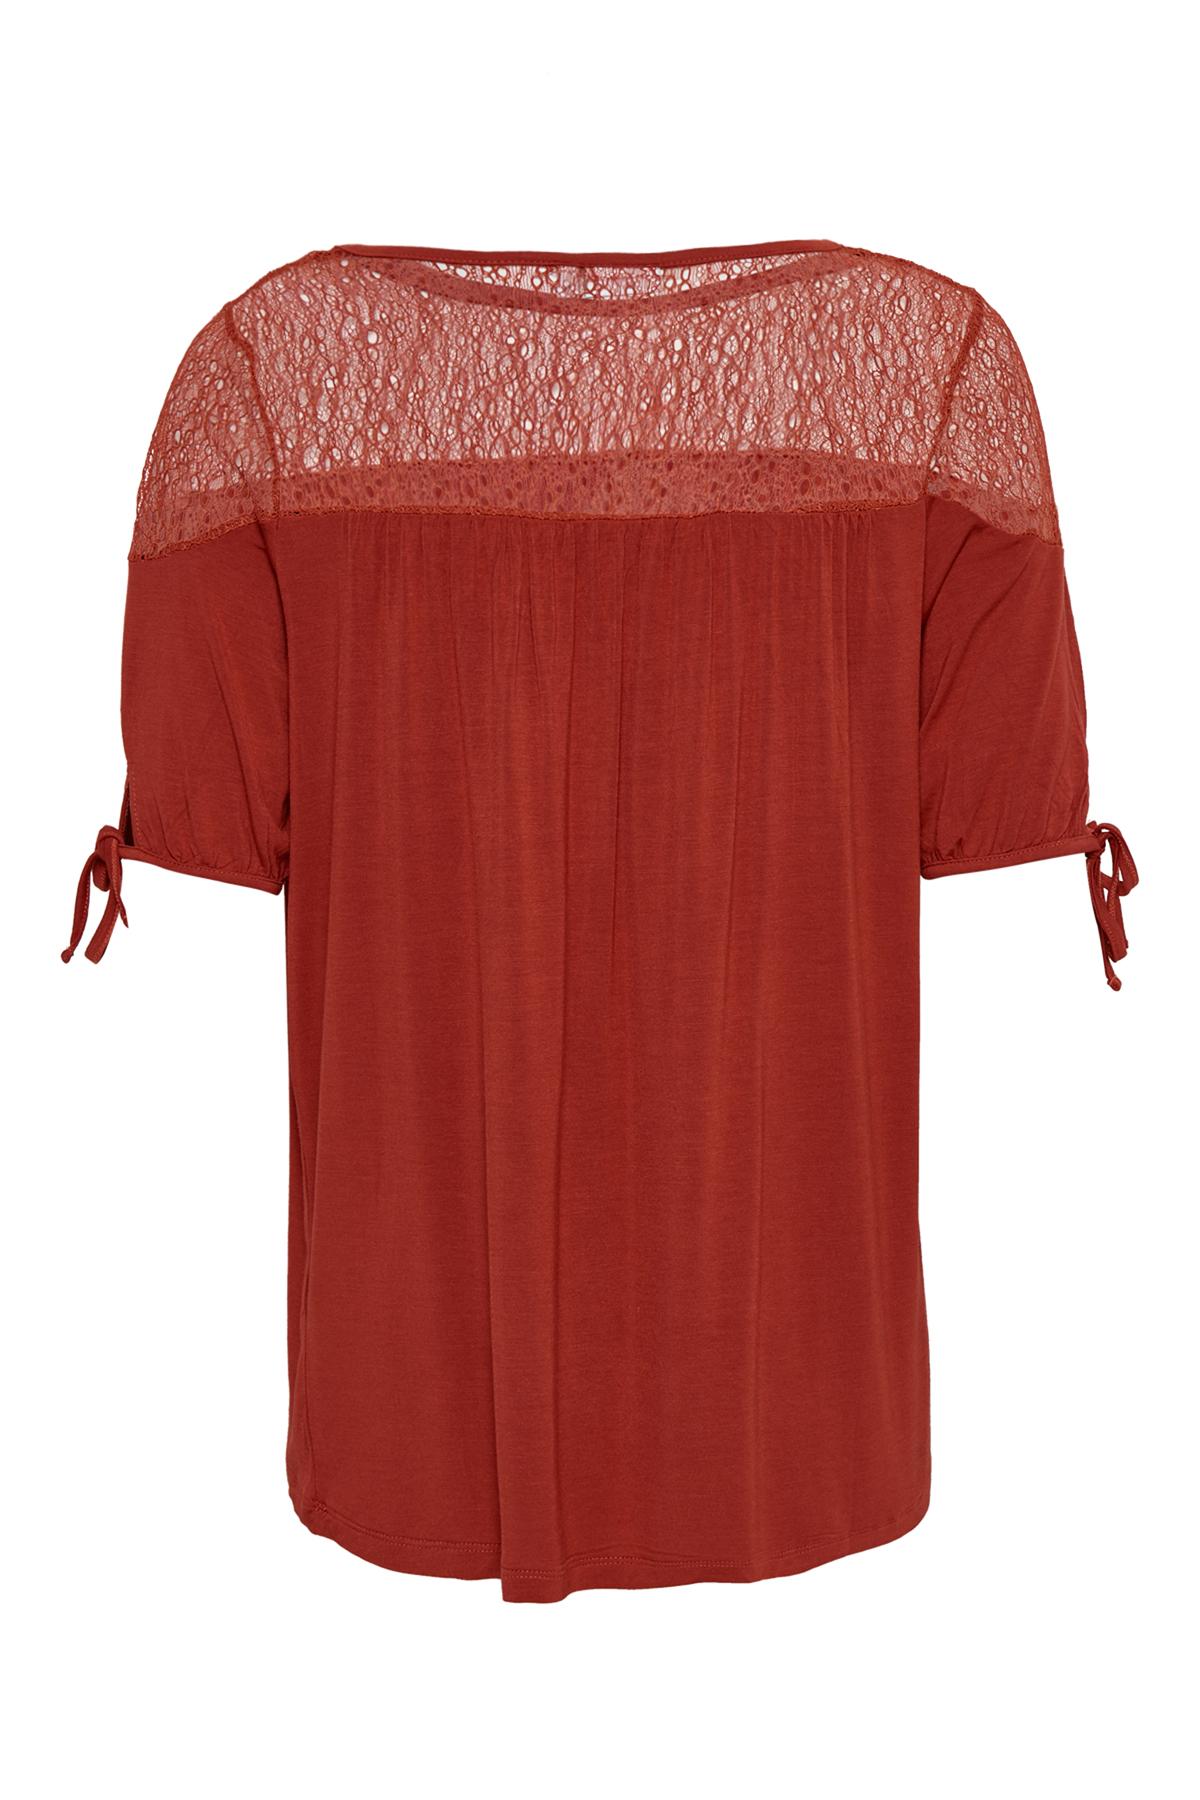 Dunkelorange Kurzarm-Bluse von Fransa – Shoppen Sie Dunkelorange Kurzarm-Bluse ab Gr. XS-XXL hier